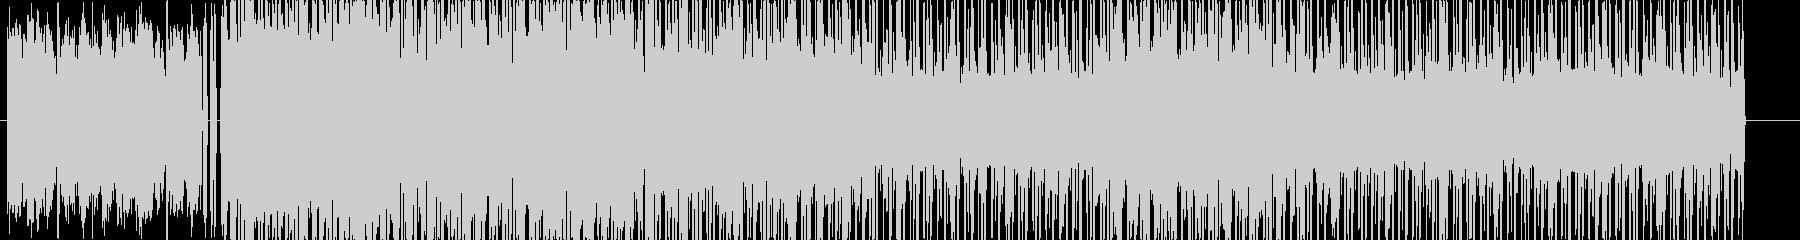 ファンキーチルウェイブBGMの未再生の波形